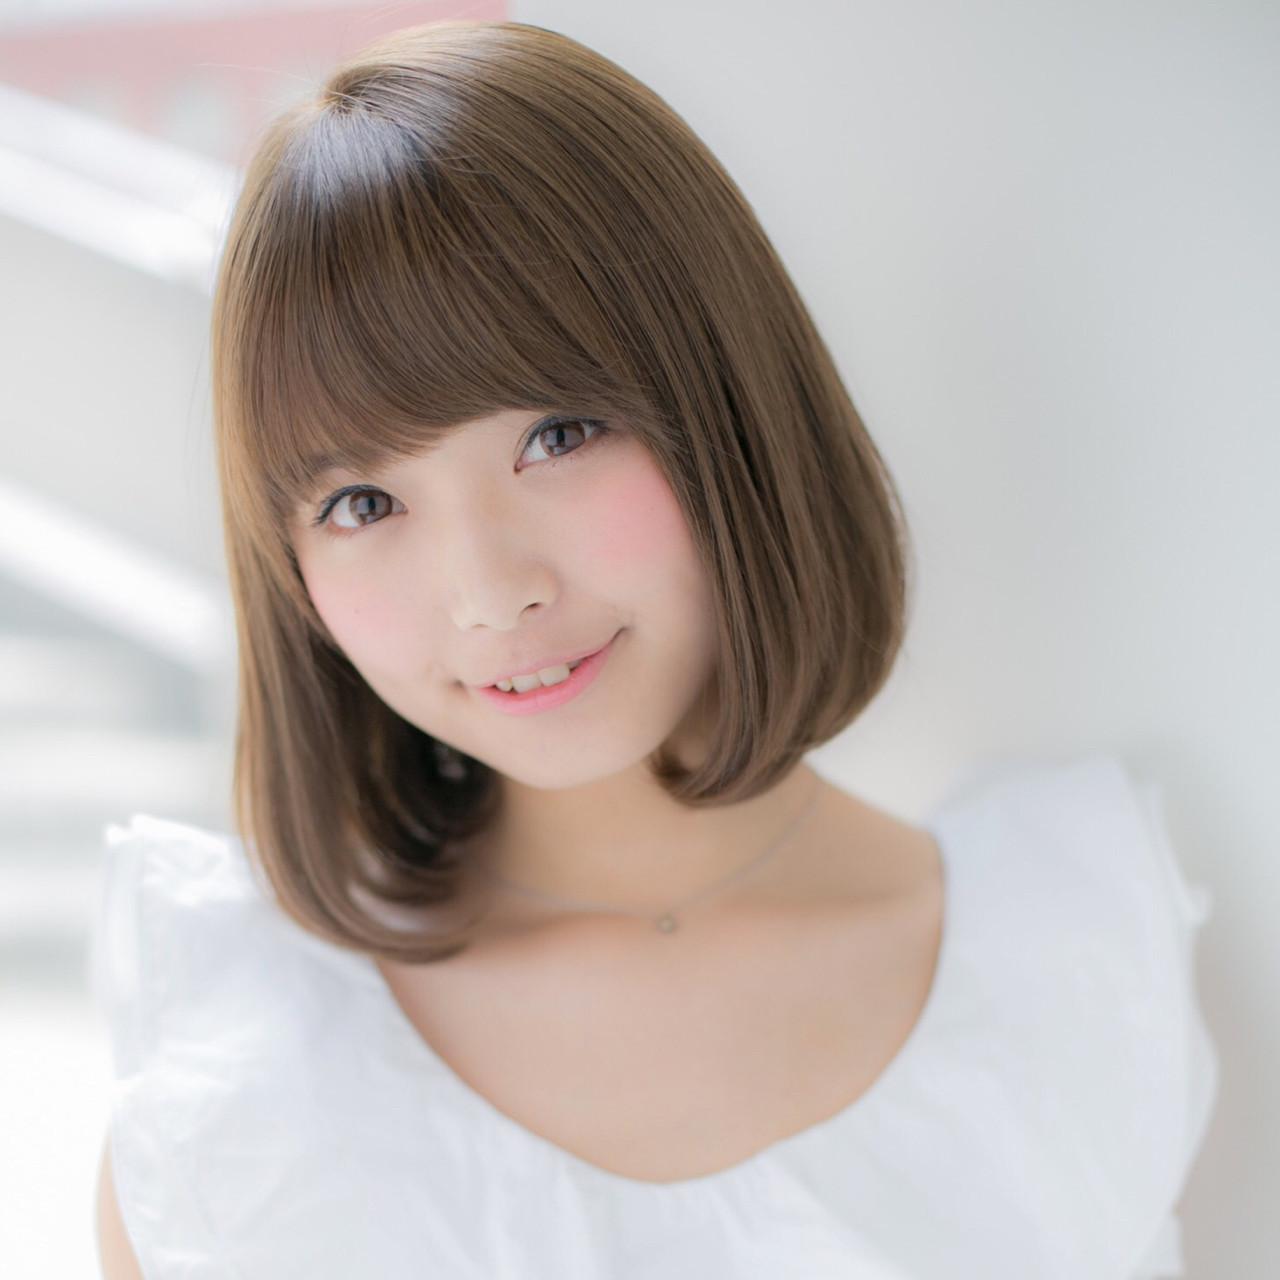 メンズウケも狙える小顔ボブショートでキュートに♡ 山村 実和子 | ユーフォリア渋谷グランデ